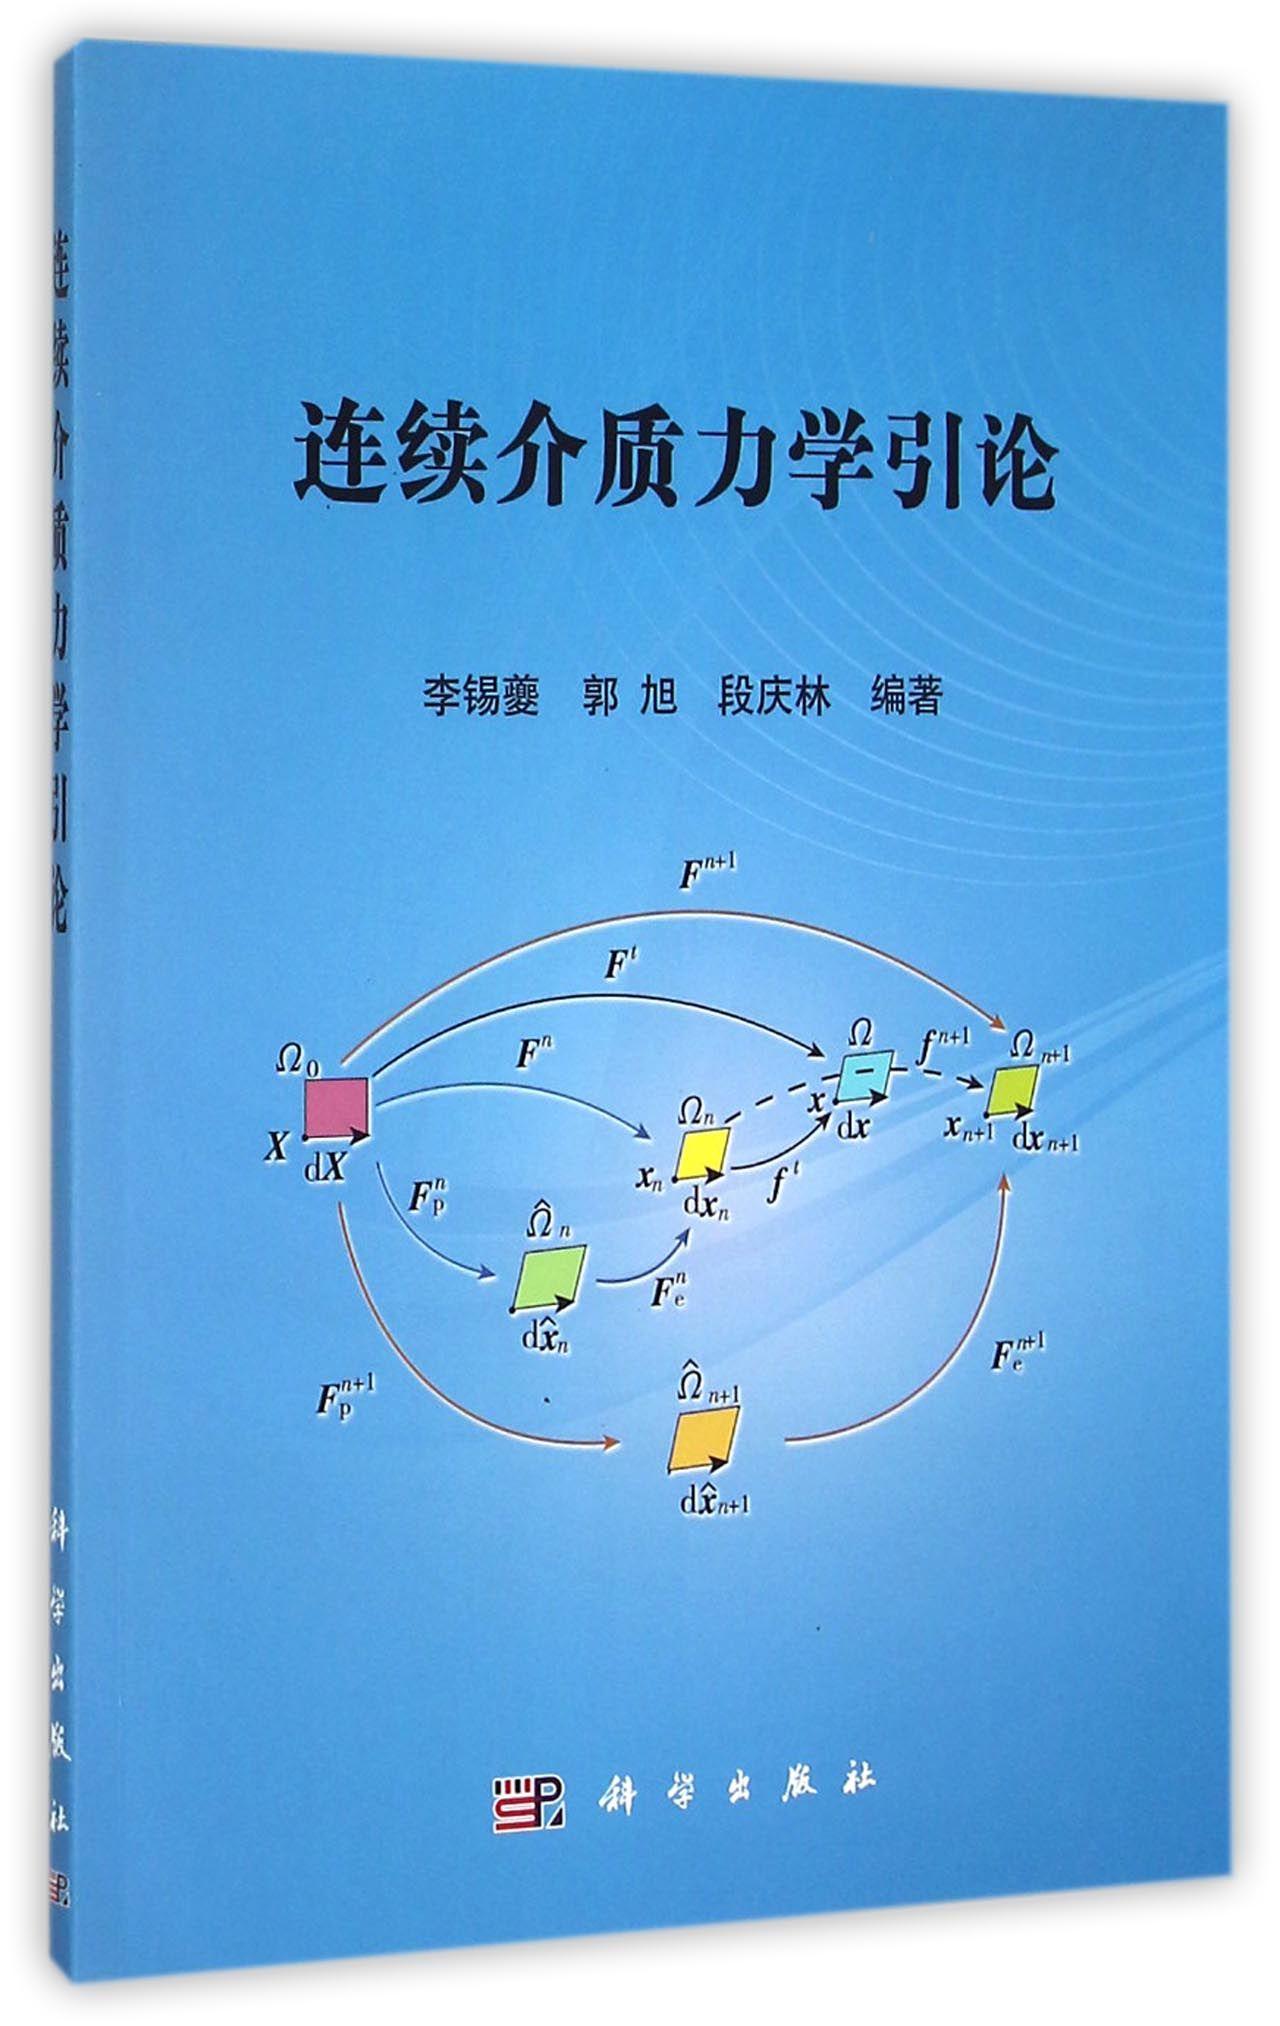 連續介質力學引論